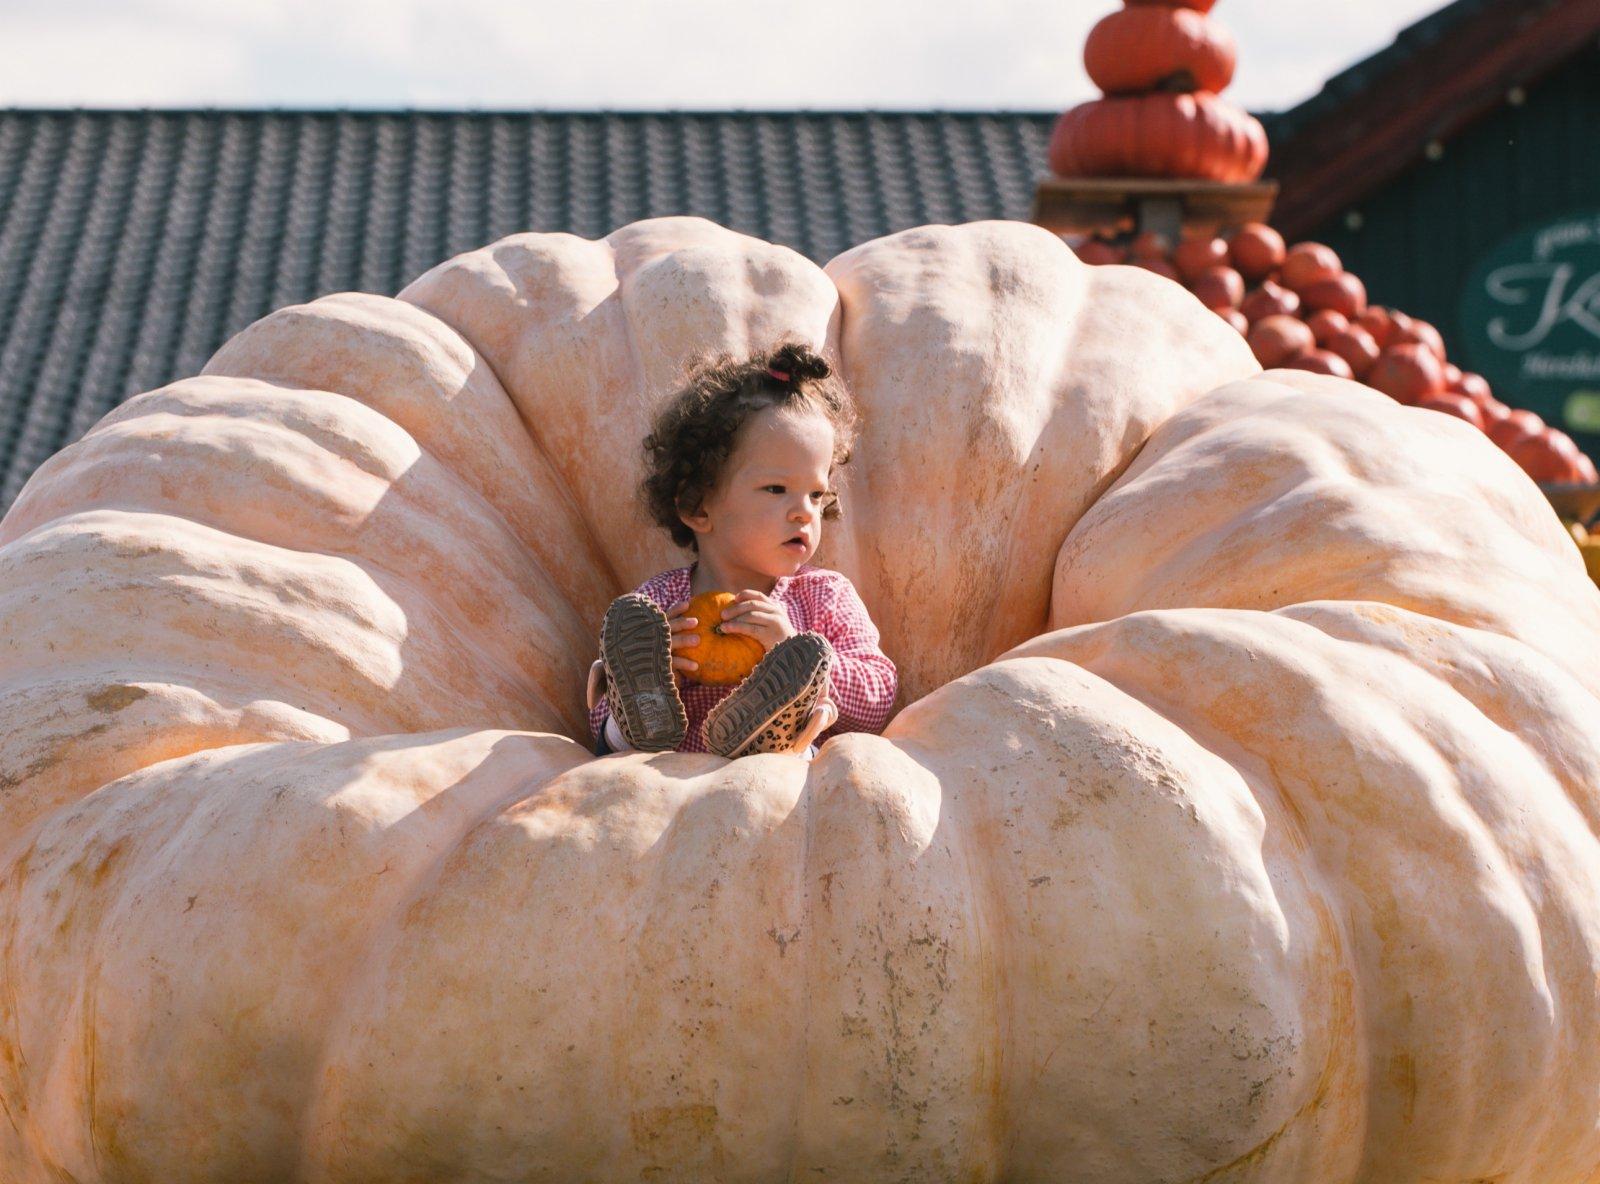 9月12日,在德國洛馬爾傳統南瓜節上,一名兒童在一個巨型南瓜上留影。